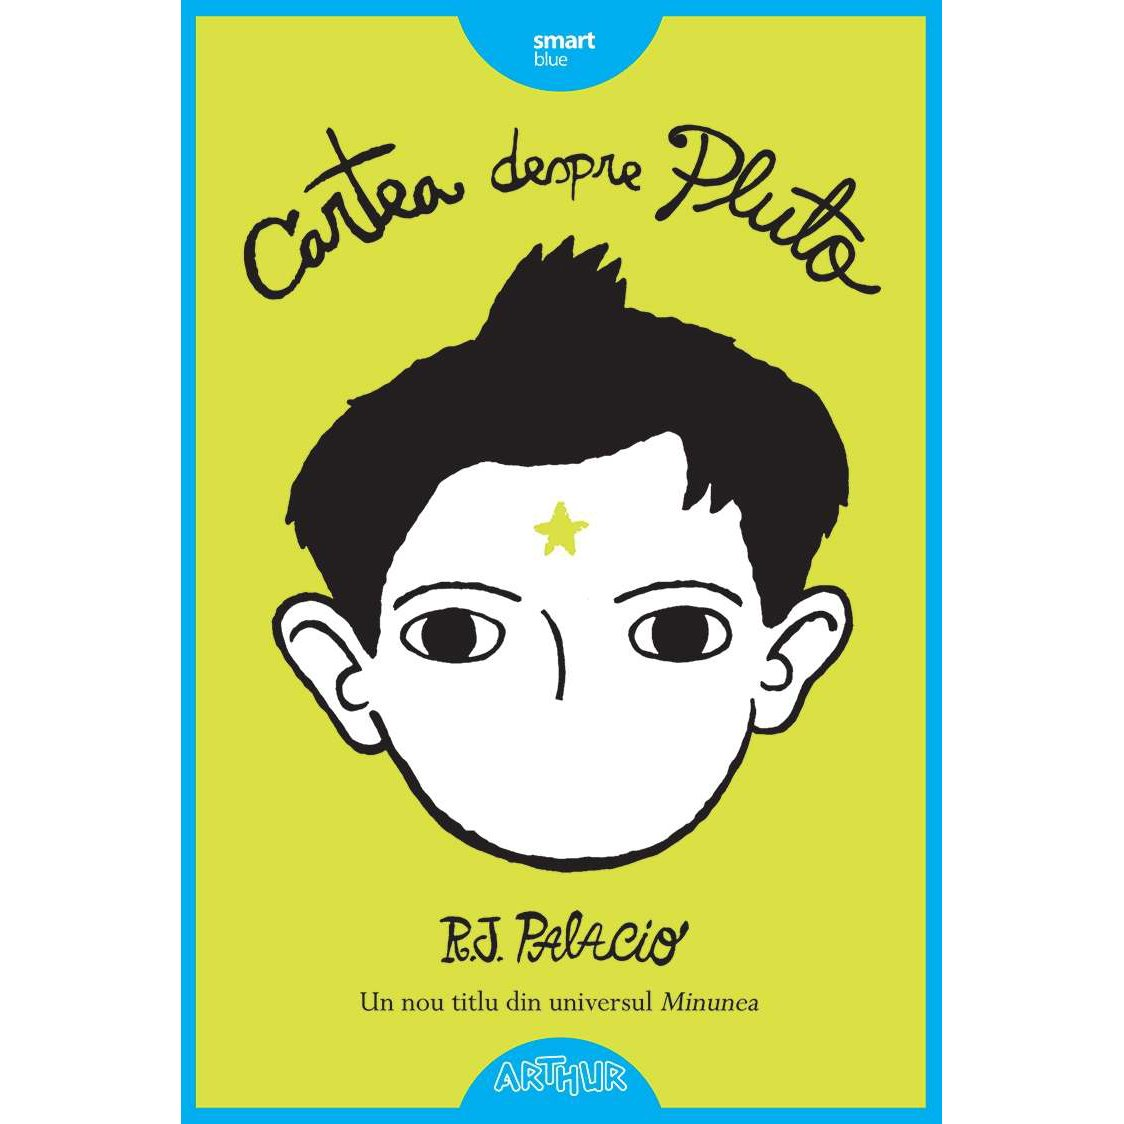 Carte Editura Arthur - Cartea despre Pluto, R.J. Palacio imagine